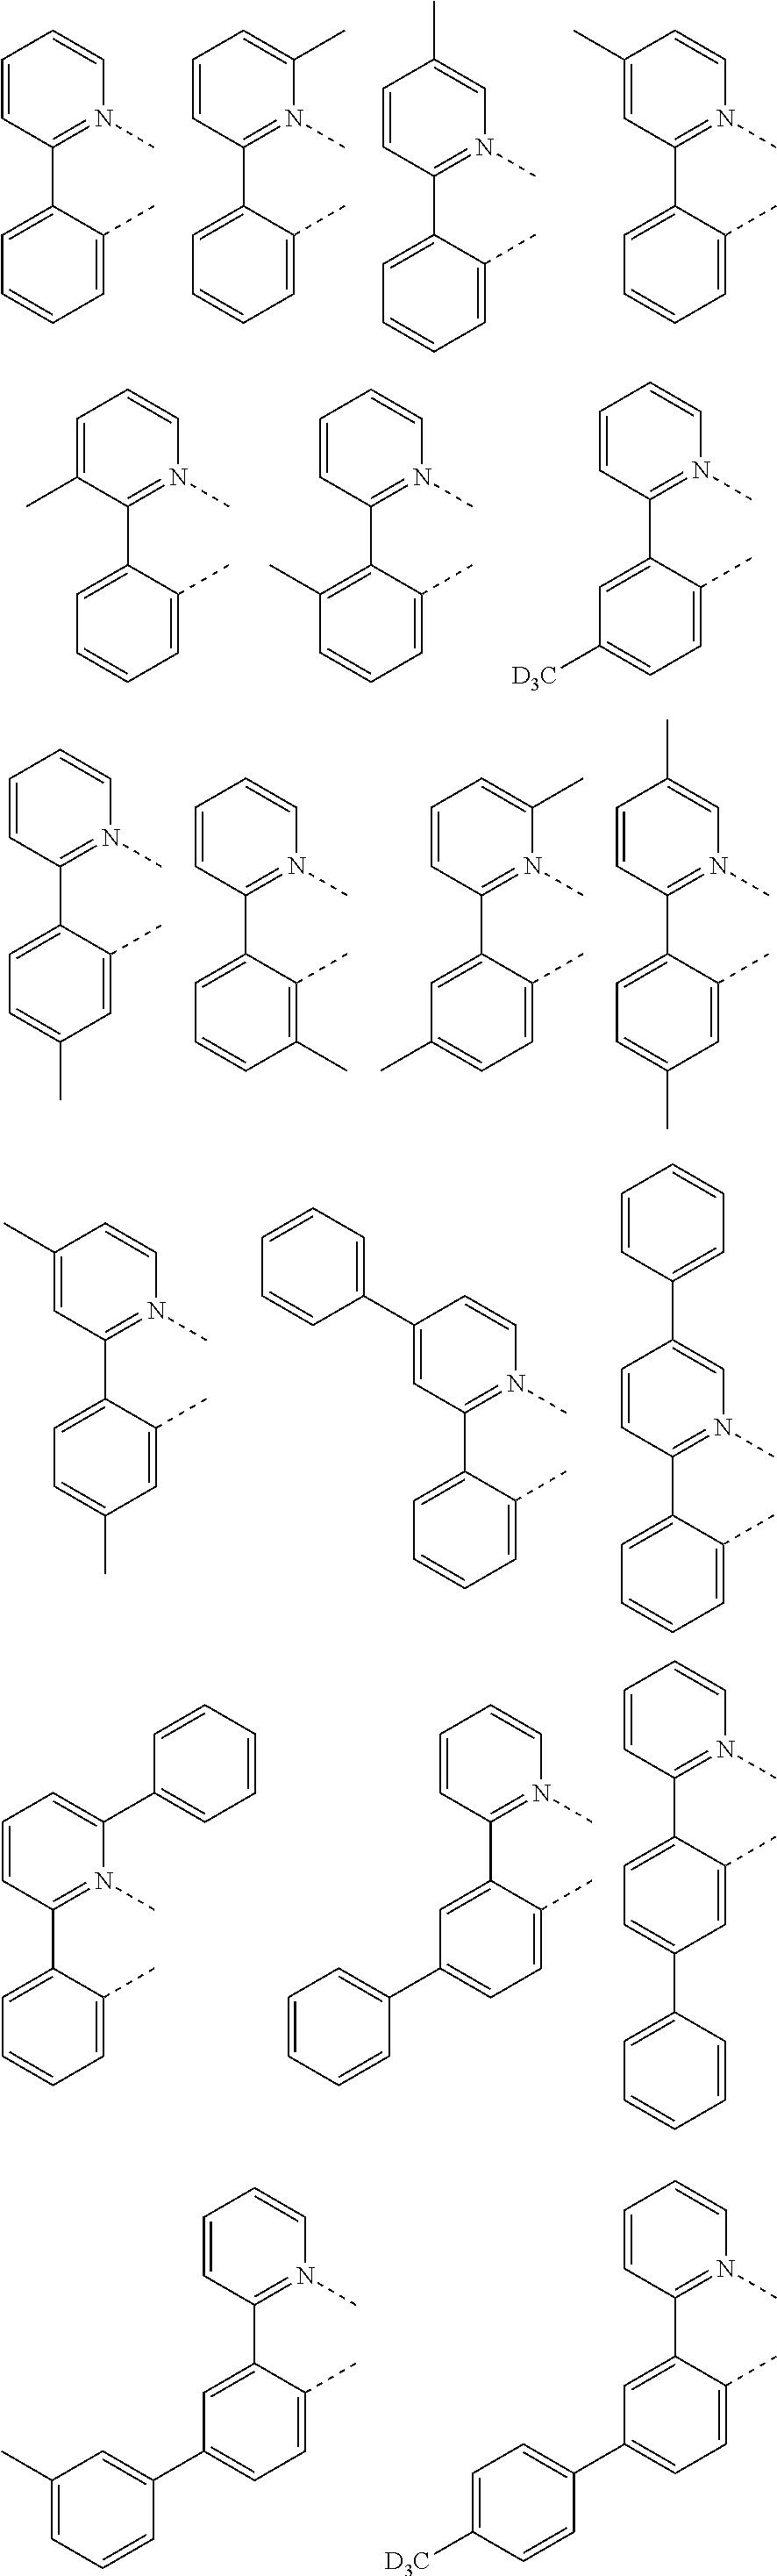 Figure US09773985-20170926-C00021